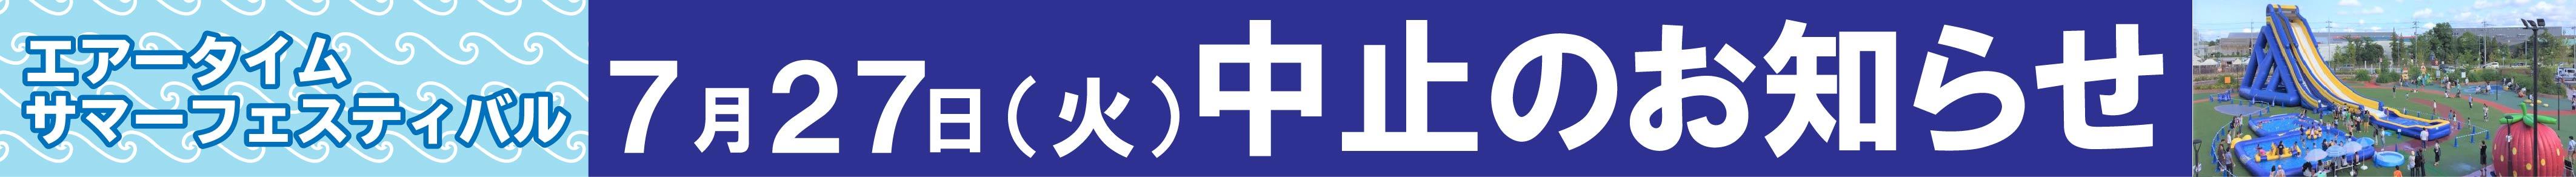 【エアータイム サマーフェスティバル 】7月27日(火)中止のお知らせ